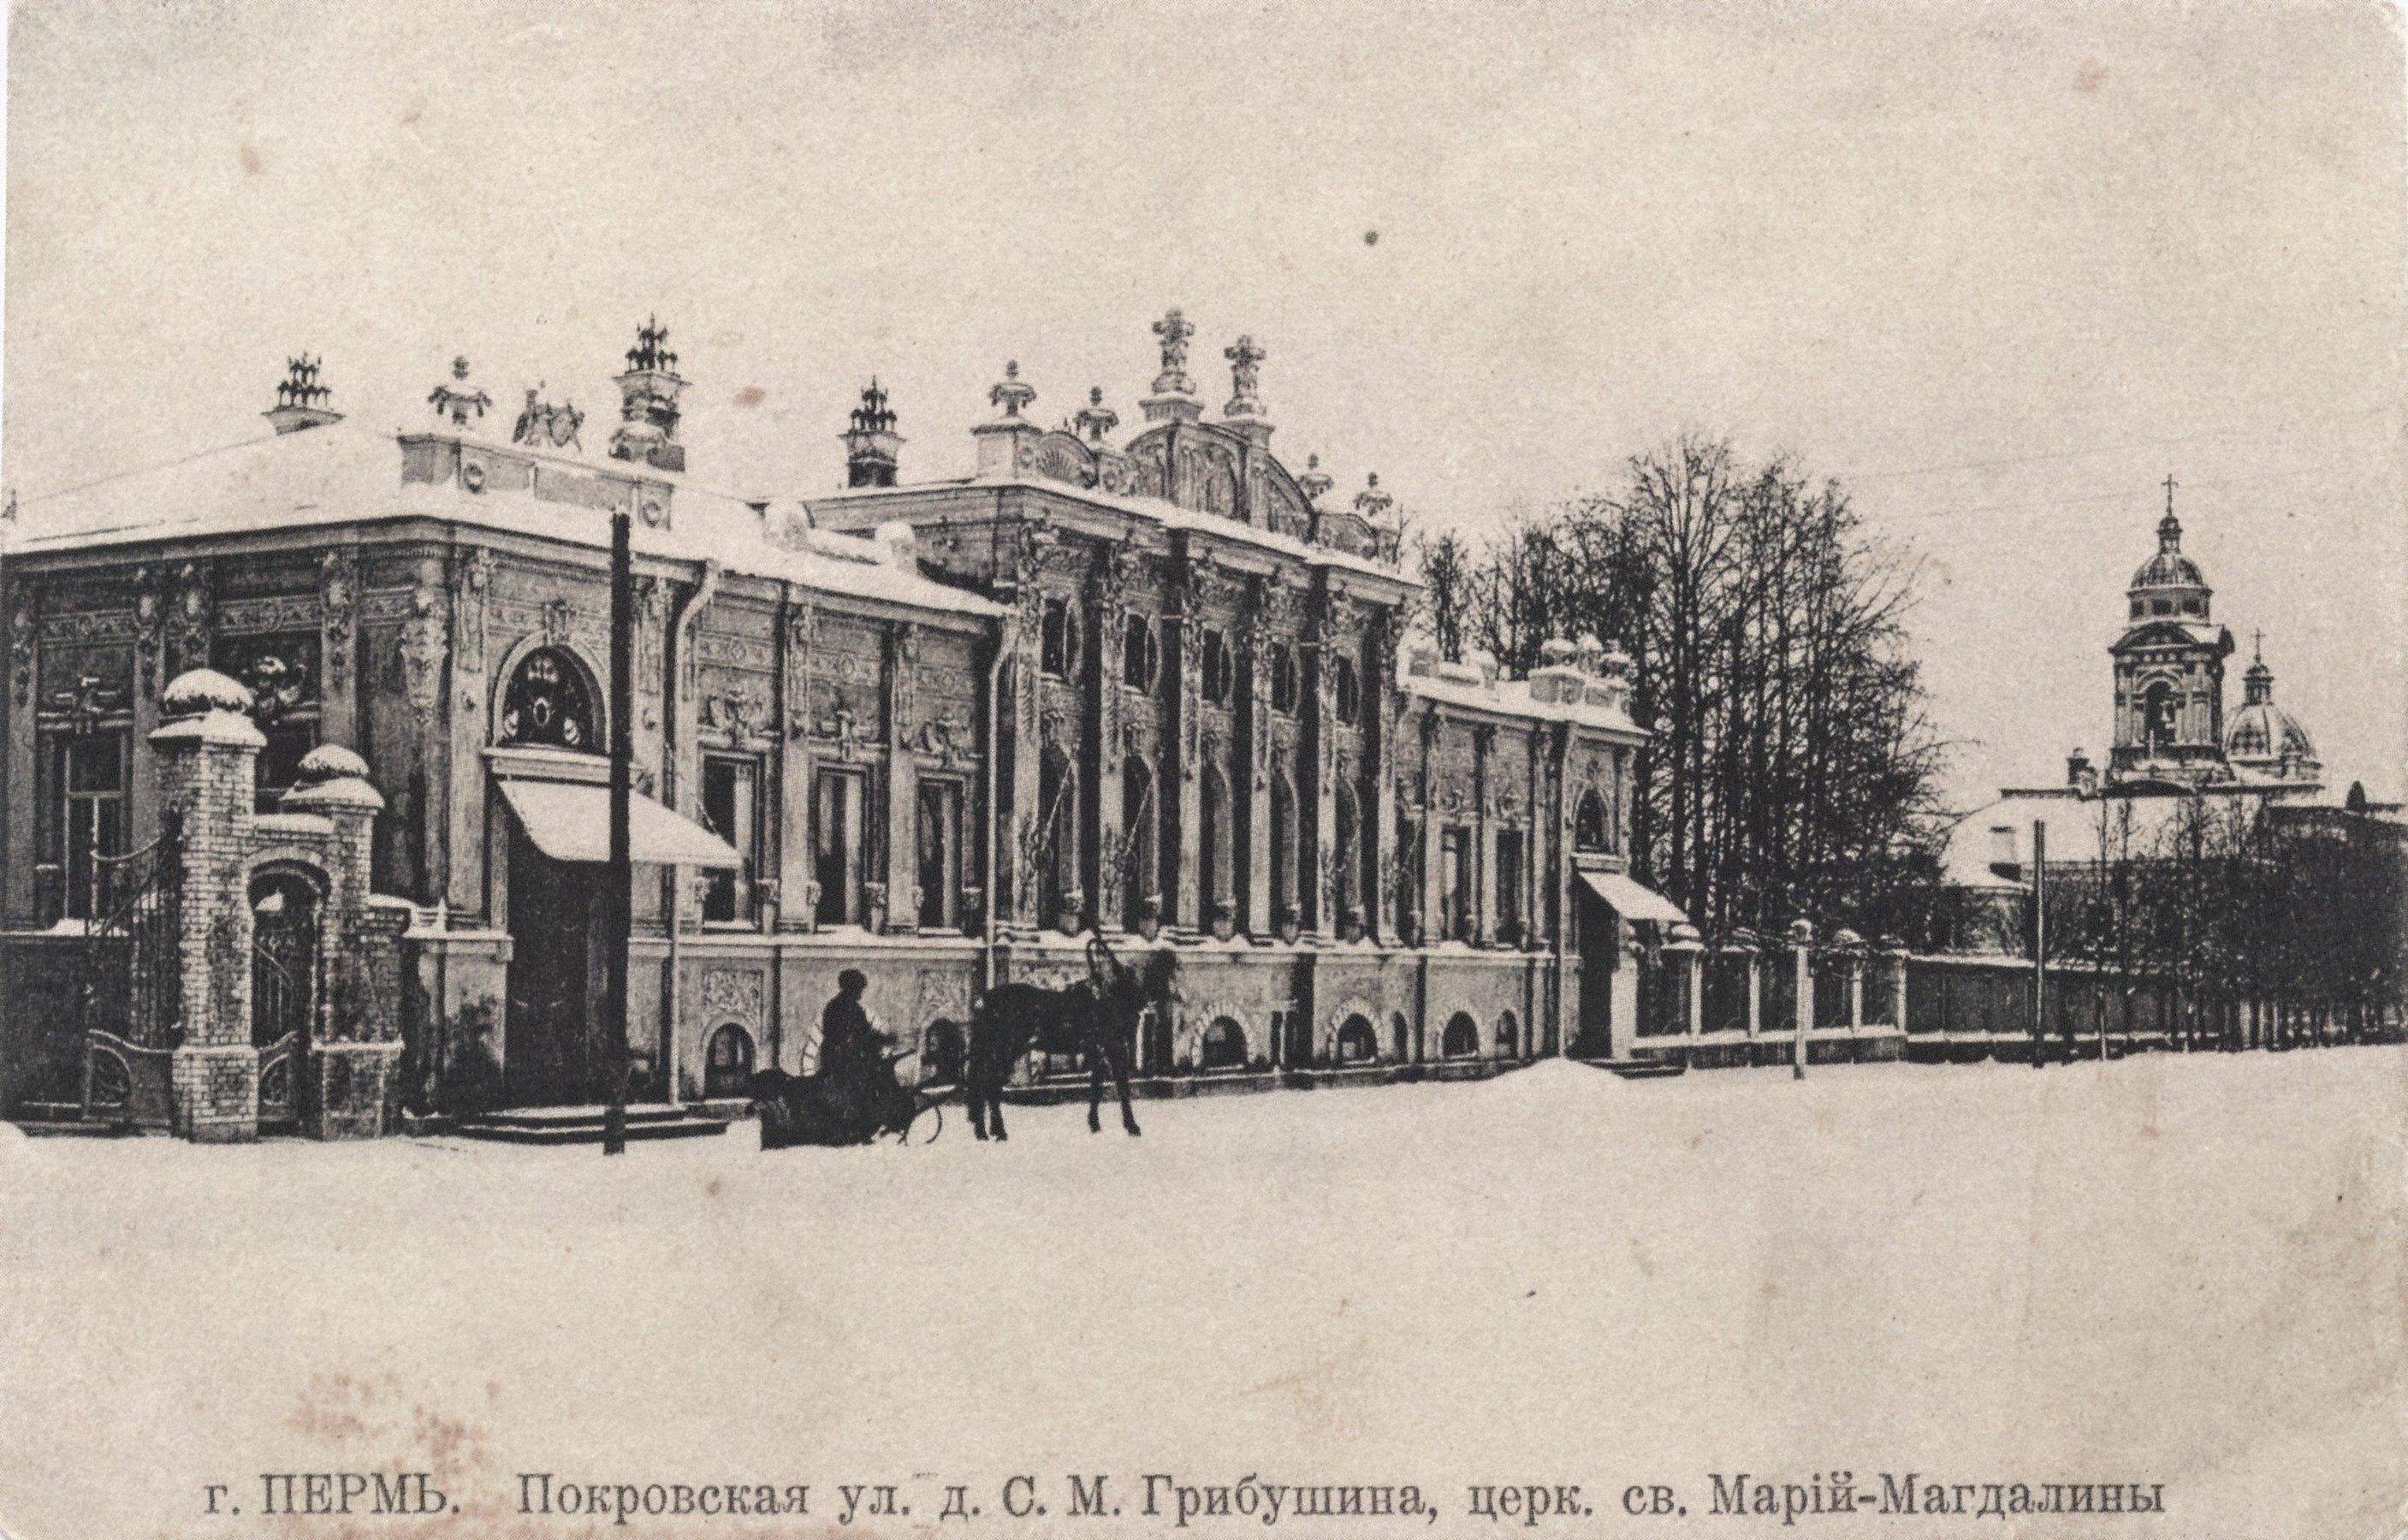 Дом С. М. Грибушина и церковь Марии Магдалины